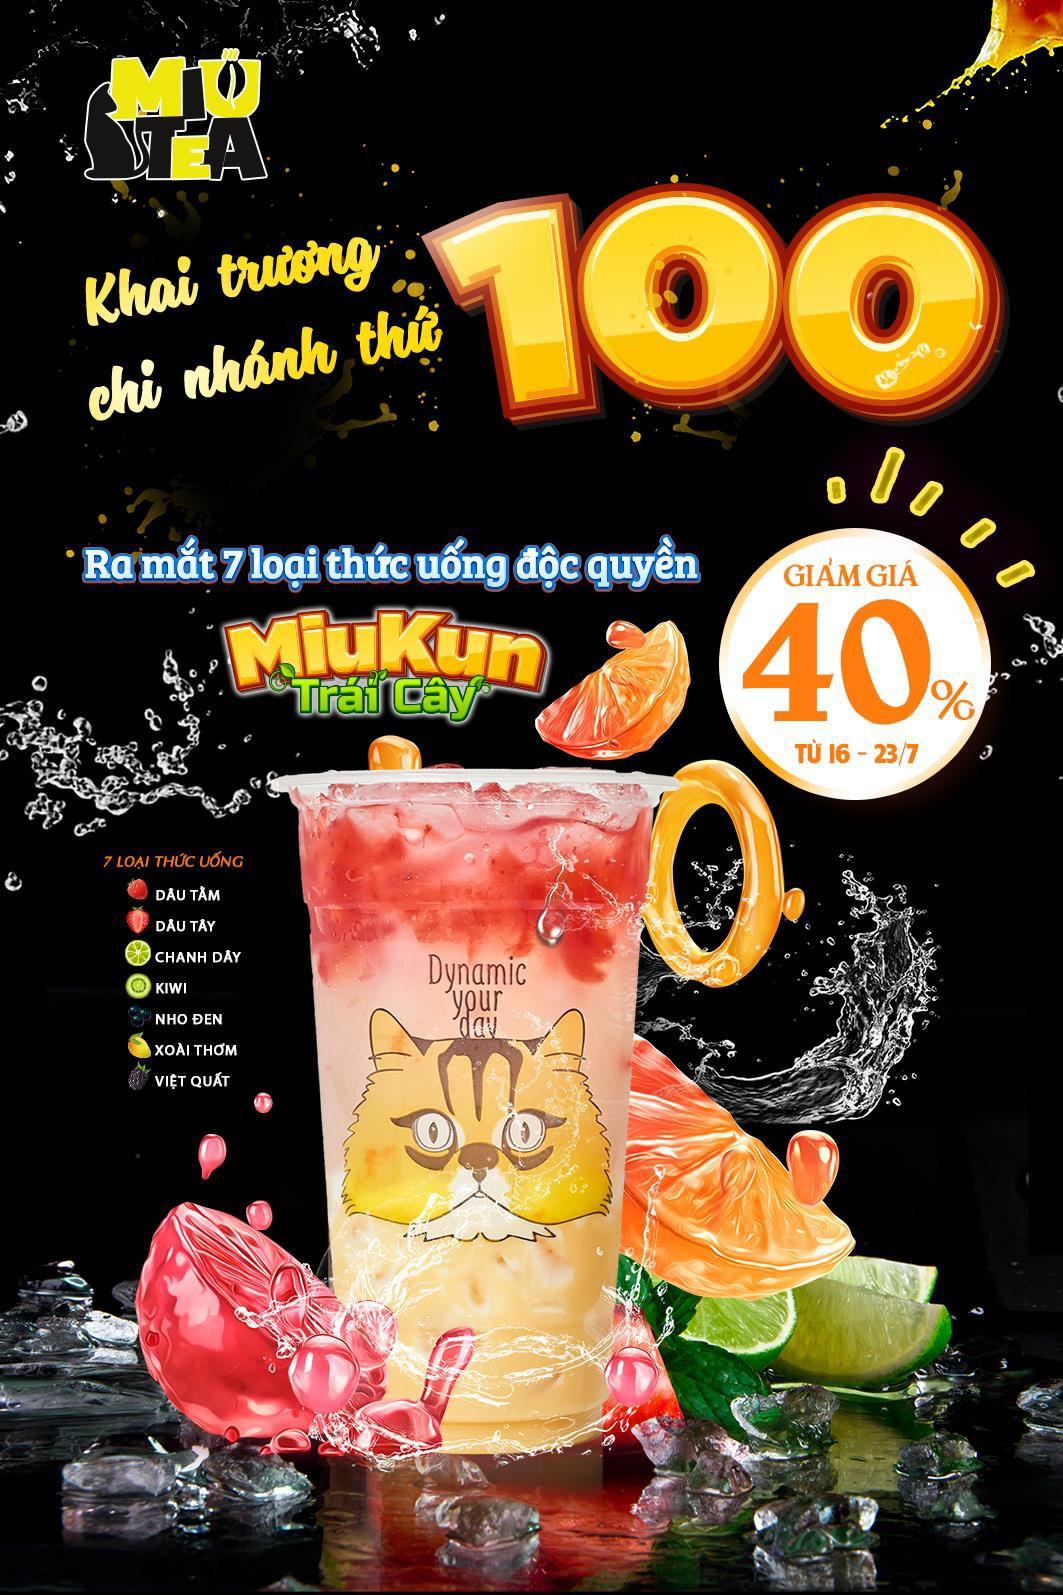 Chương trình ưu đãi đặc biệt của Miu Tea - Chào mừng cơ sở thứ 100 ra đời! - Ảnh 1.